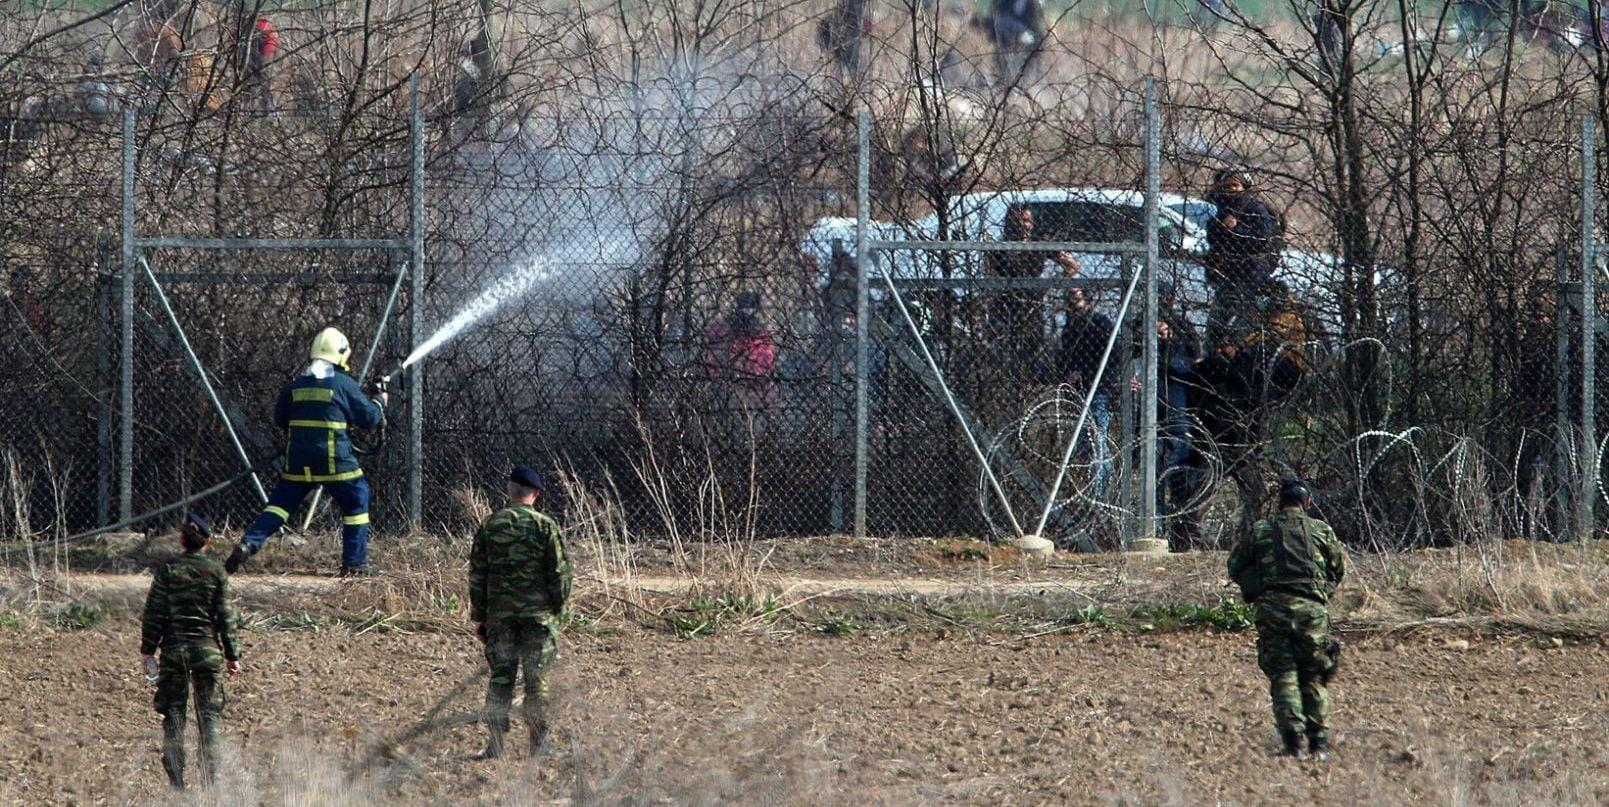 «Άγρυπνο» το βλέμμα των Ενόπλων Δυνάμεων στον Έβρο! Ενισχύεται ο φράχτης, σε ετοιμότητα οι Αρχές